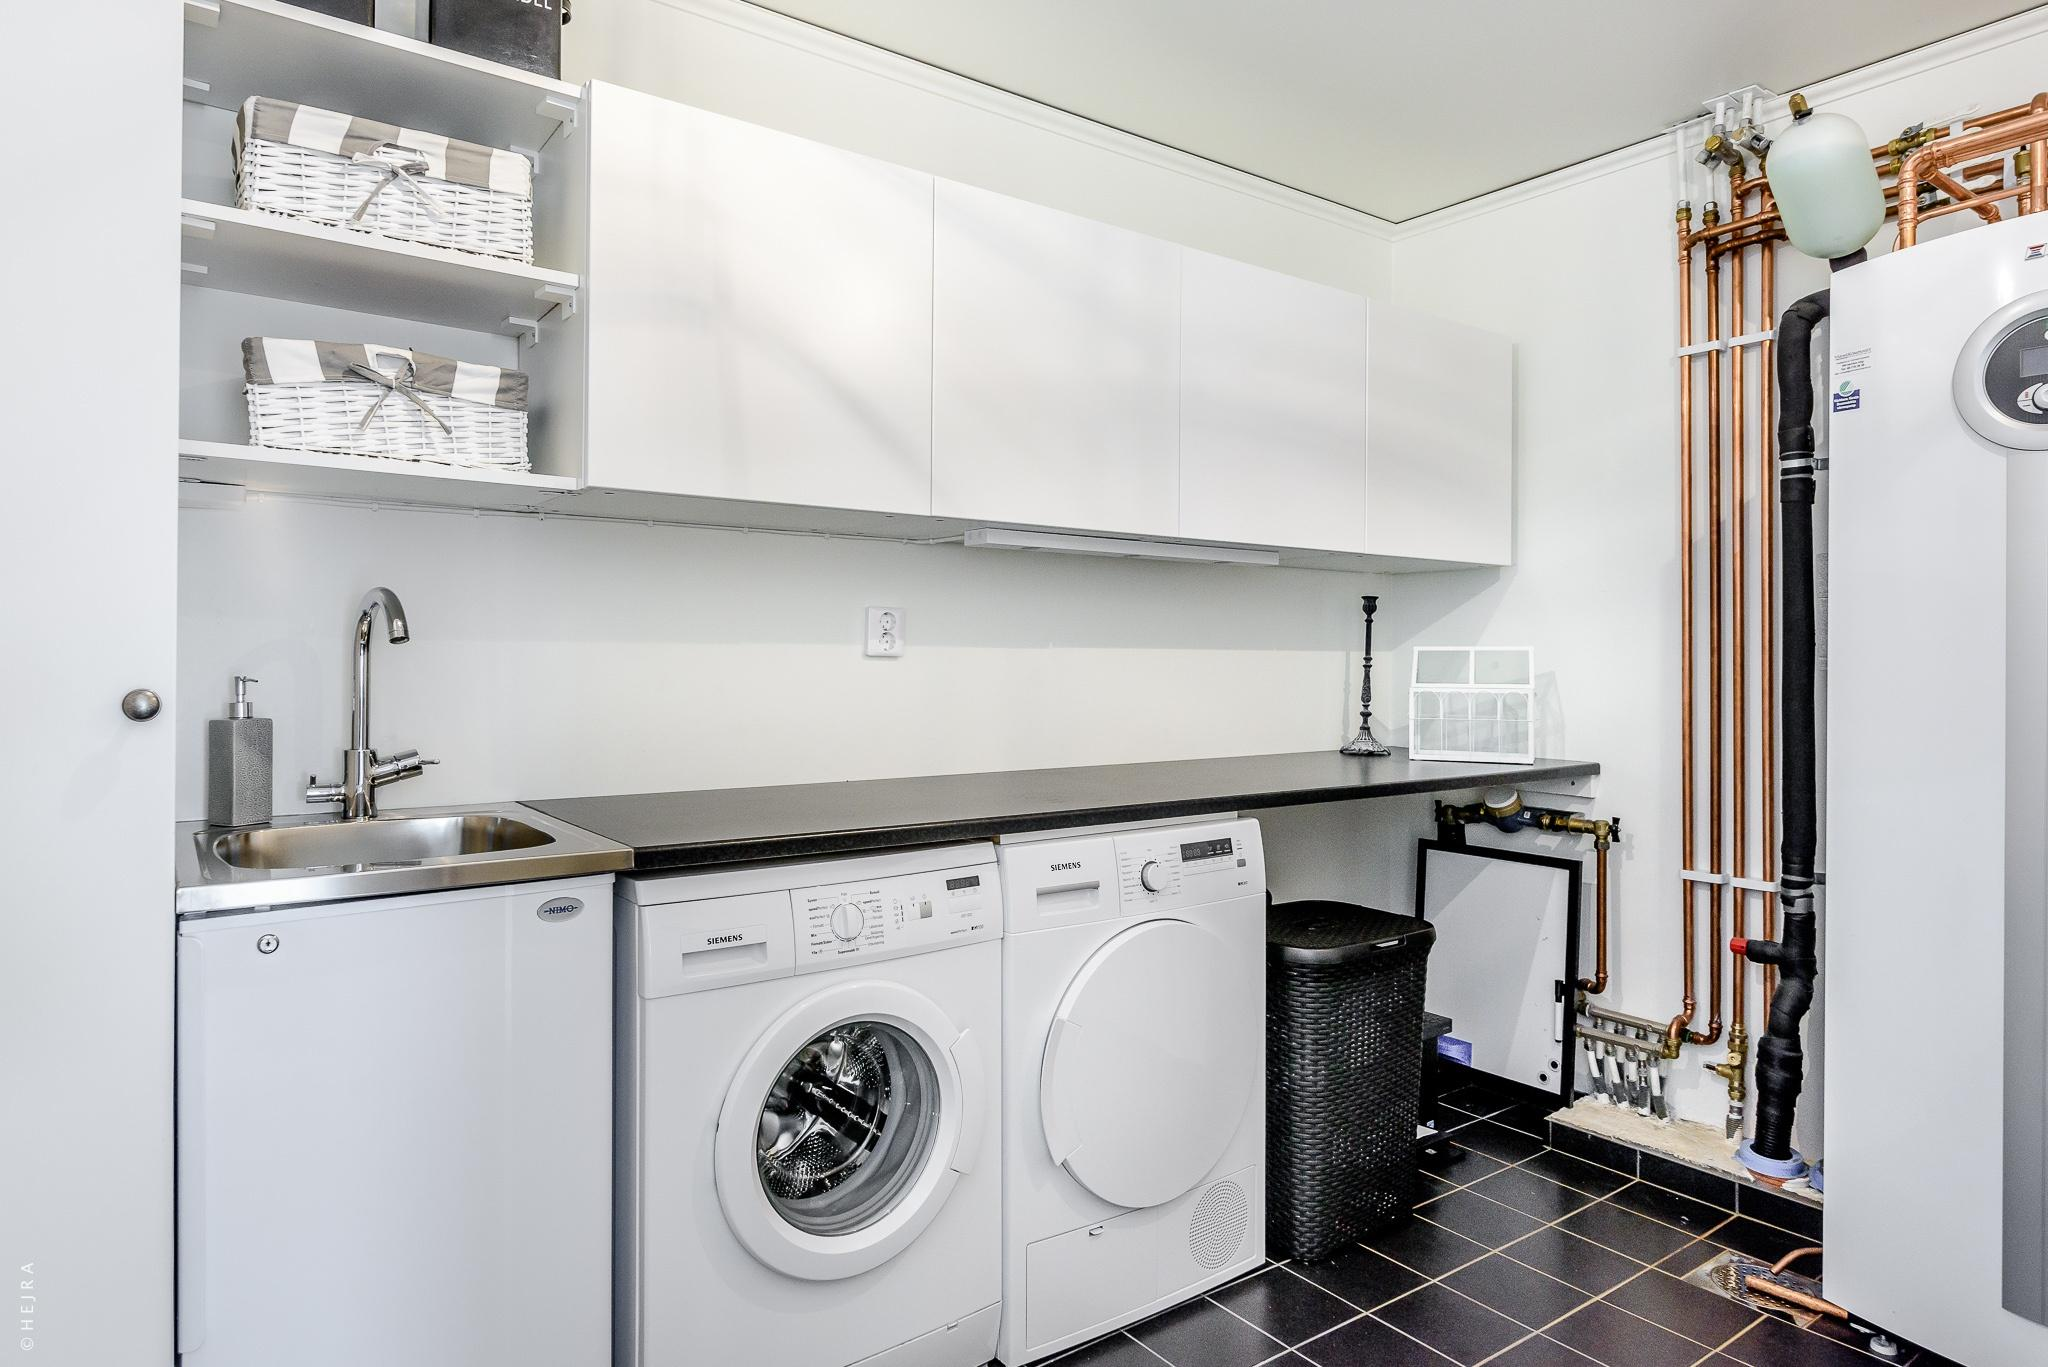 котельная прачечная стиральная сушильная машина